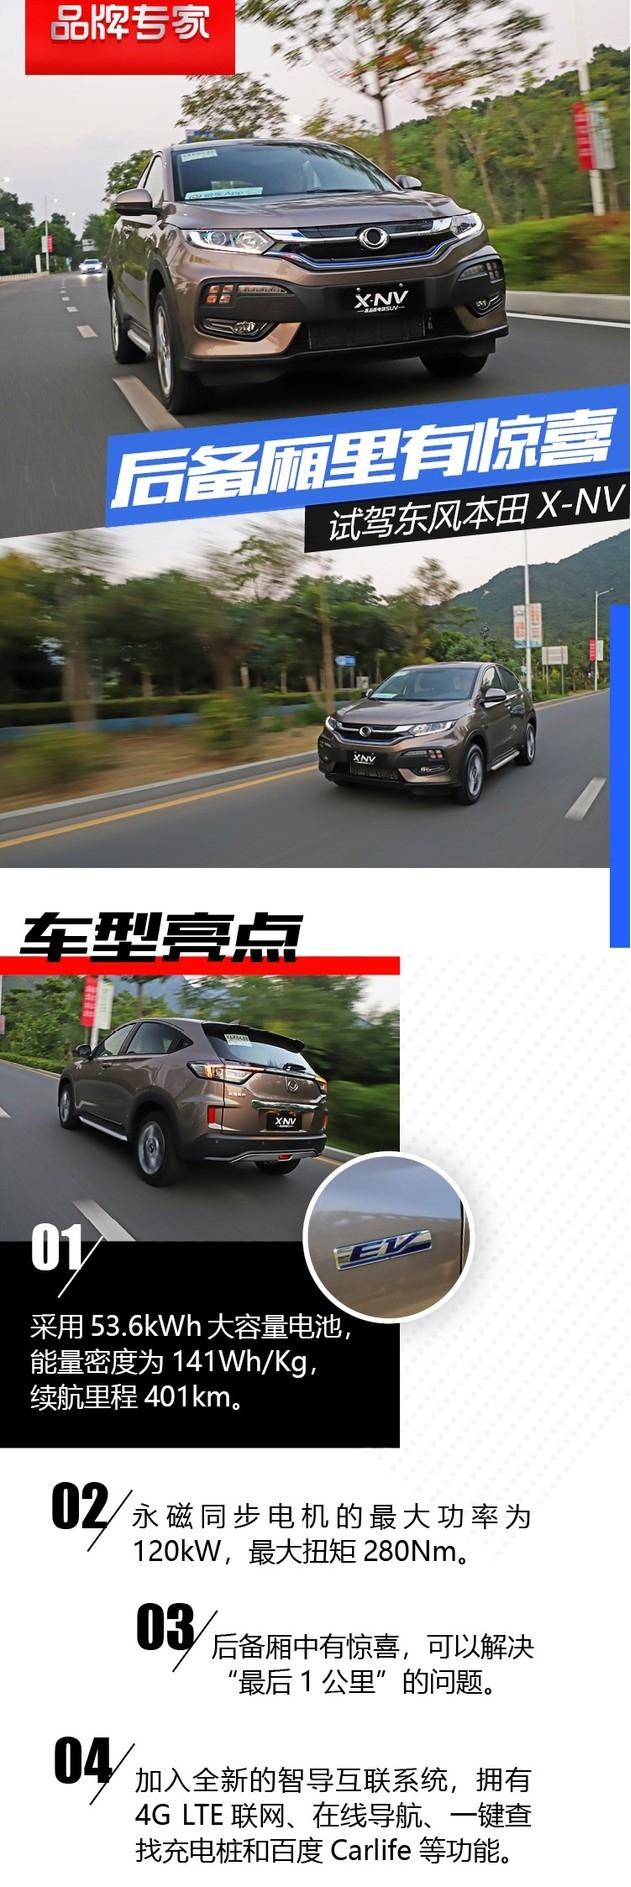 强大性能下的特殊惊喜 试驾东风本田X-NV